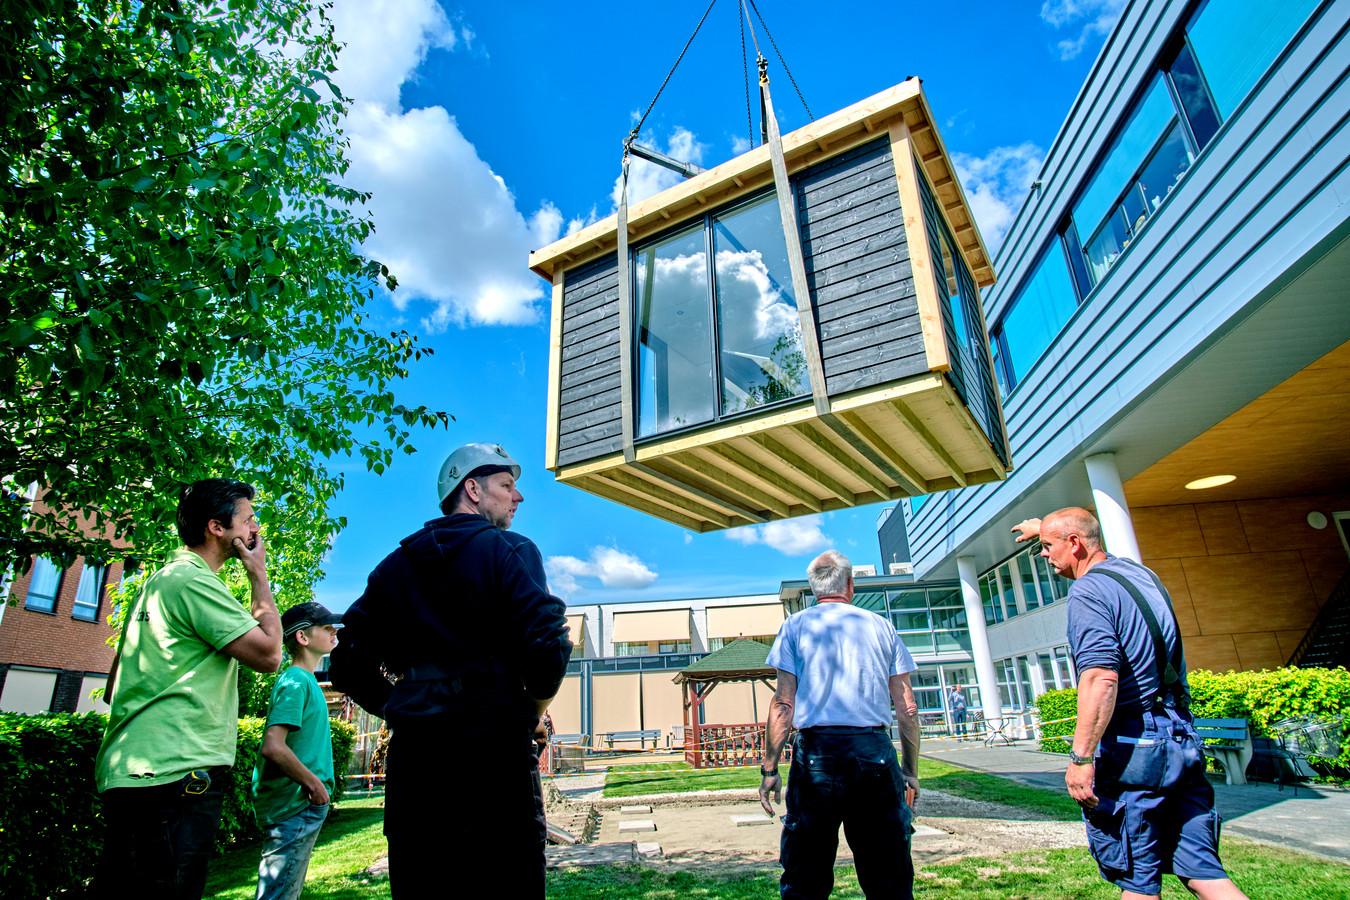 Een bezoekershuisje, gebouwd door ondernemers, wordt neergezet bij ouderencomplex De Buitensluis in Numansdorp. Bewoners kunnen hier veilig bezoek ontvangen.